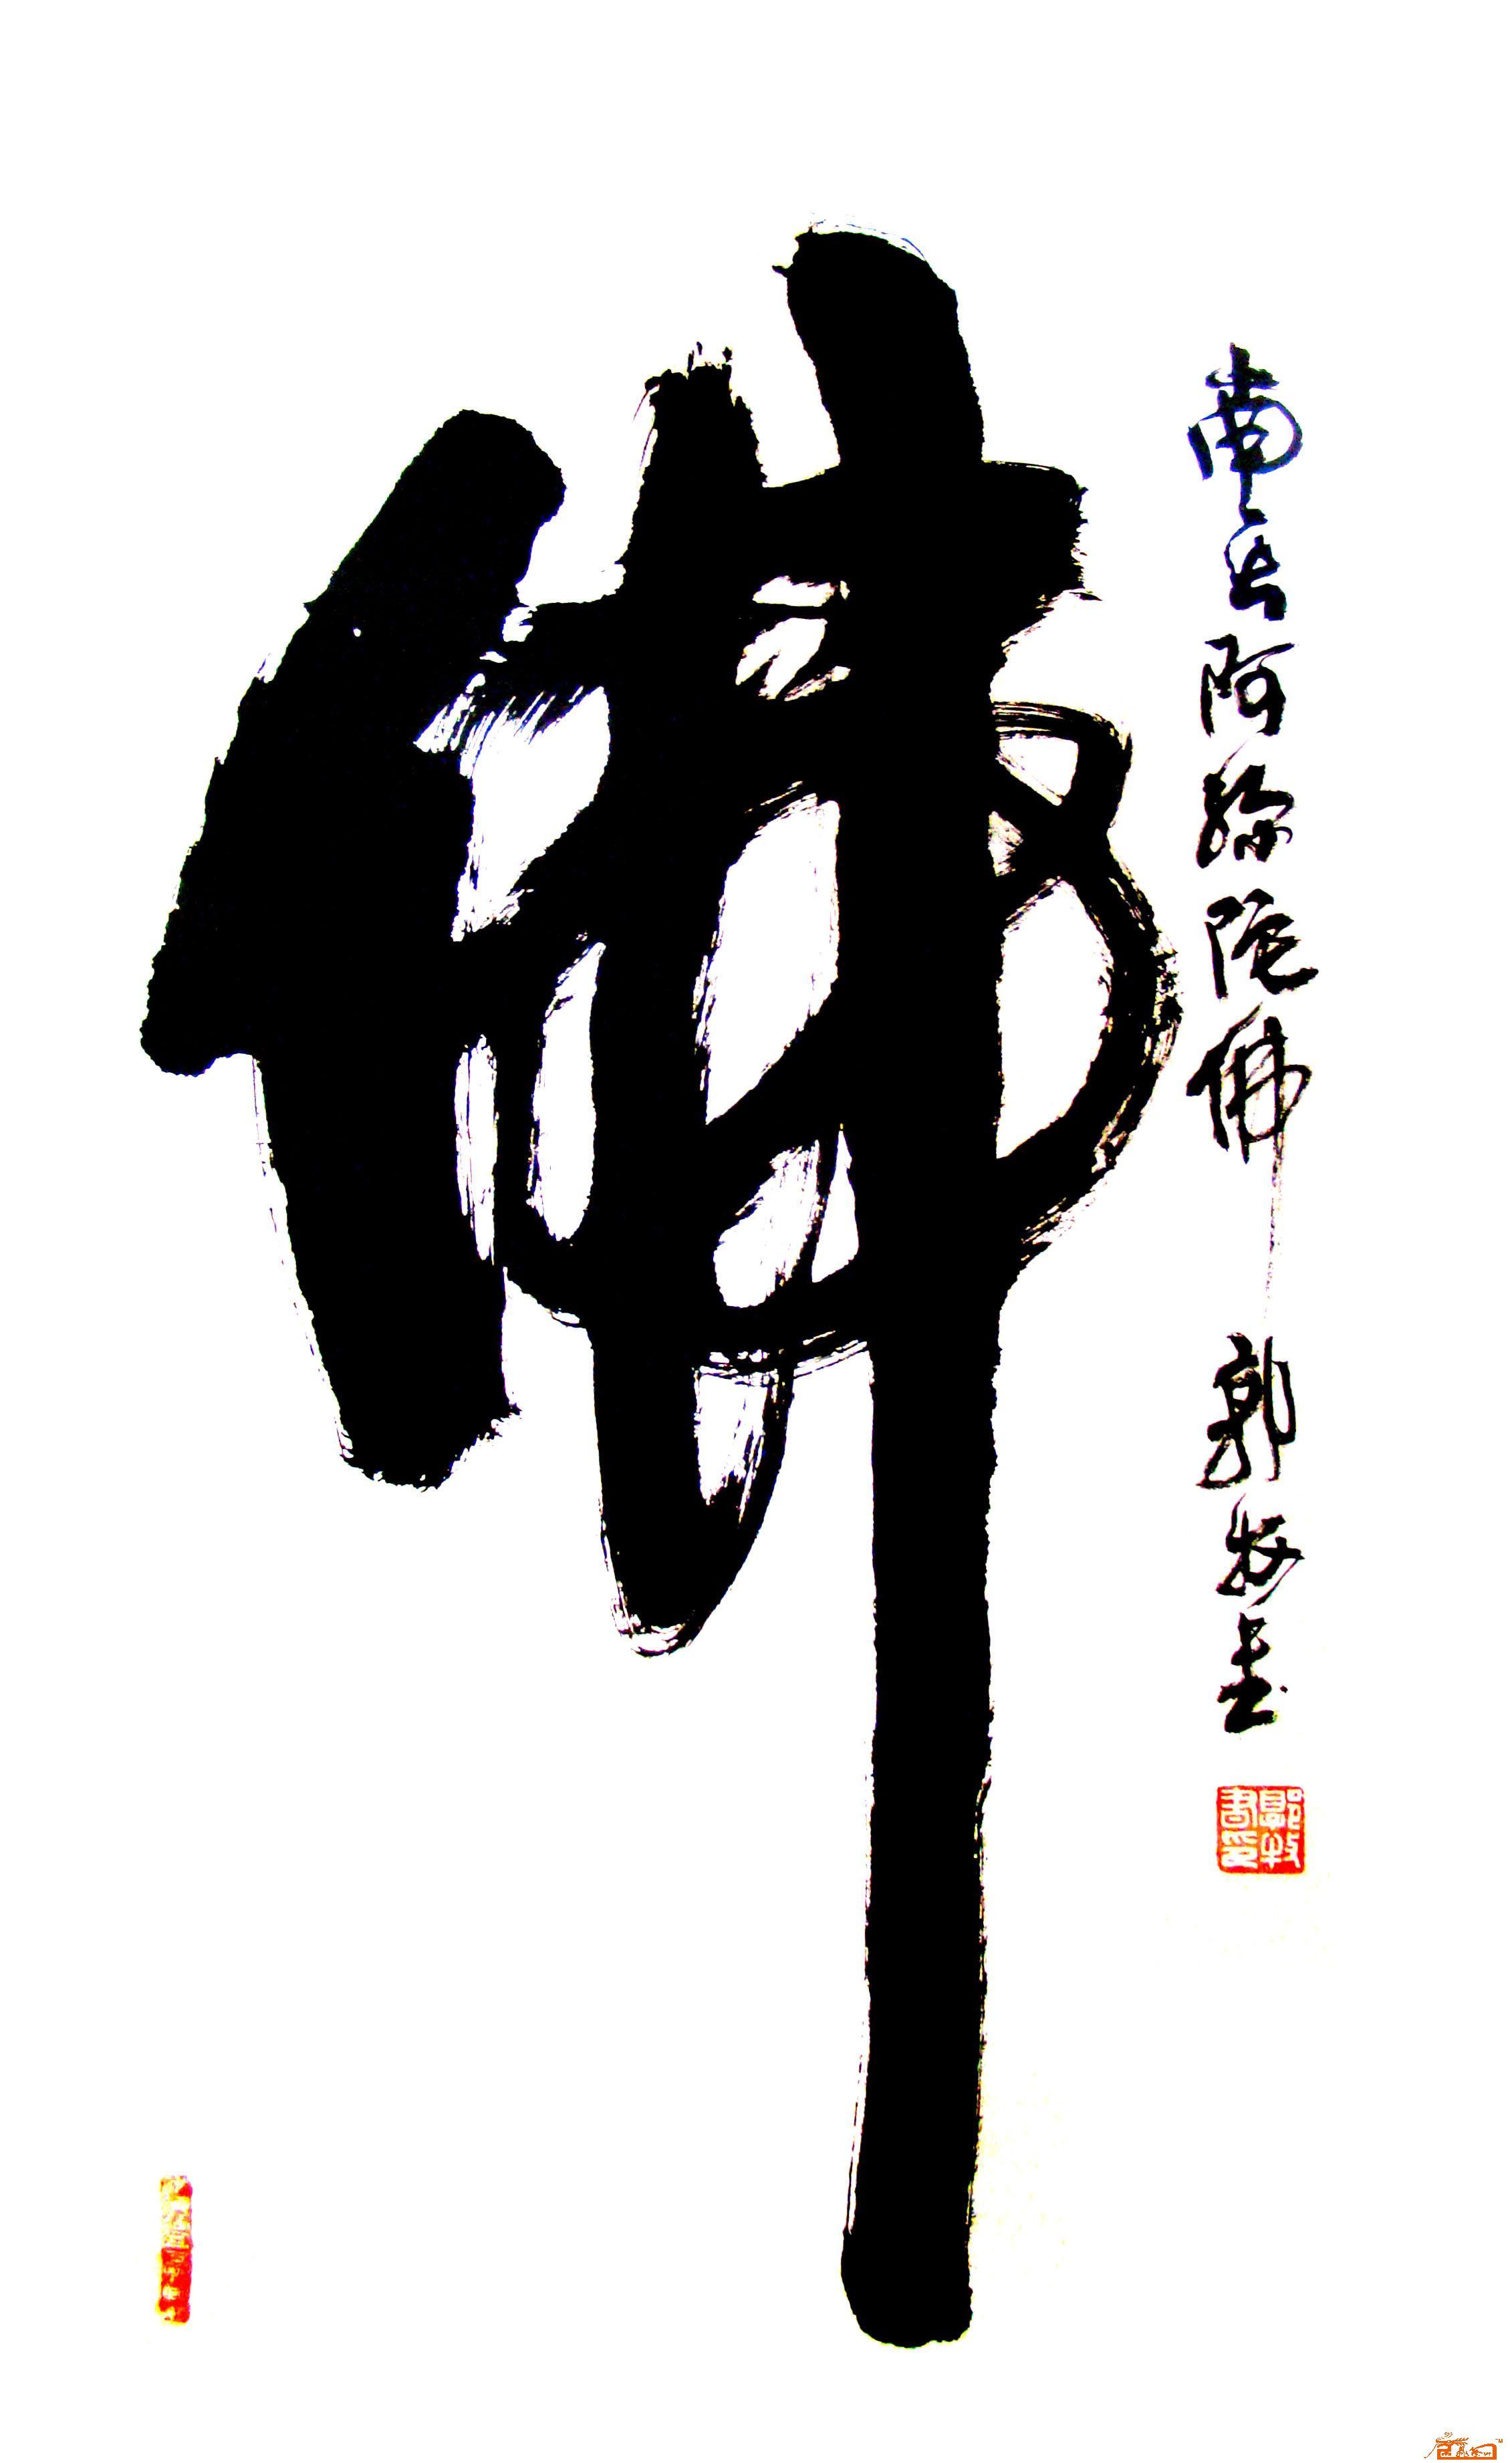 郭牧-佛-淘宝-名人字画-中国书画交易中心,中国书画